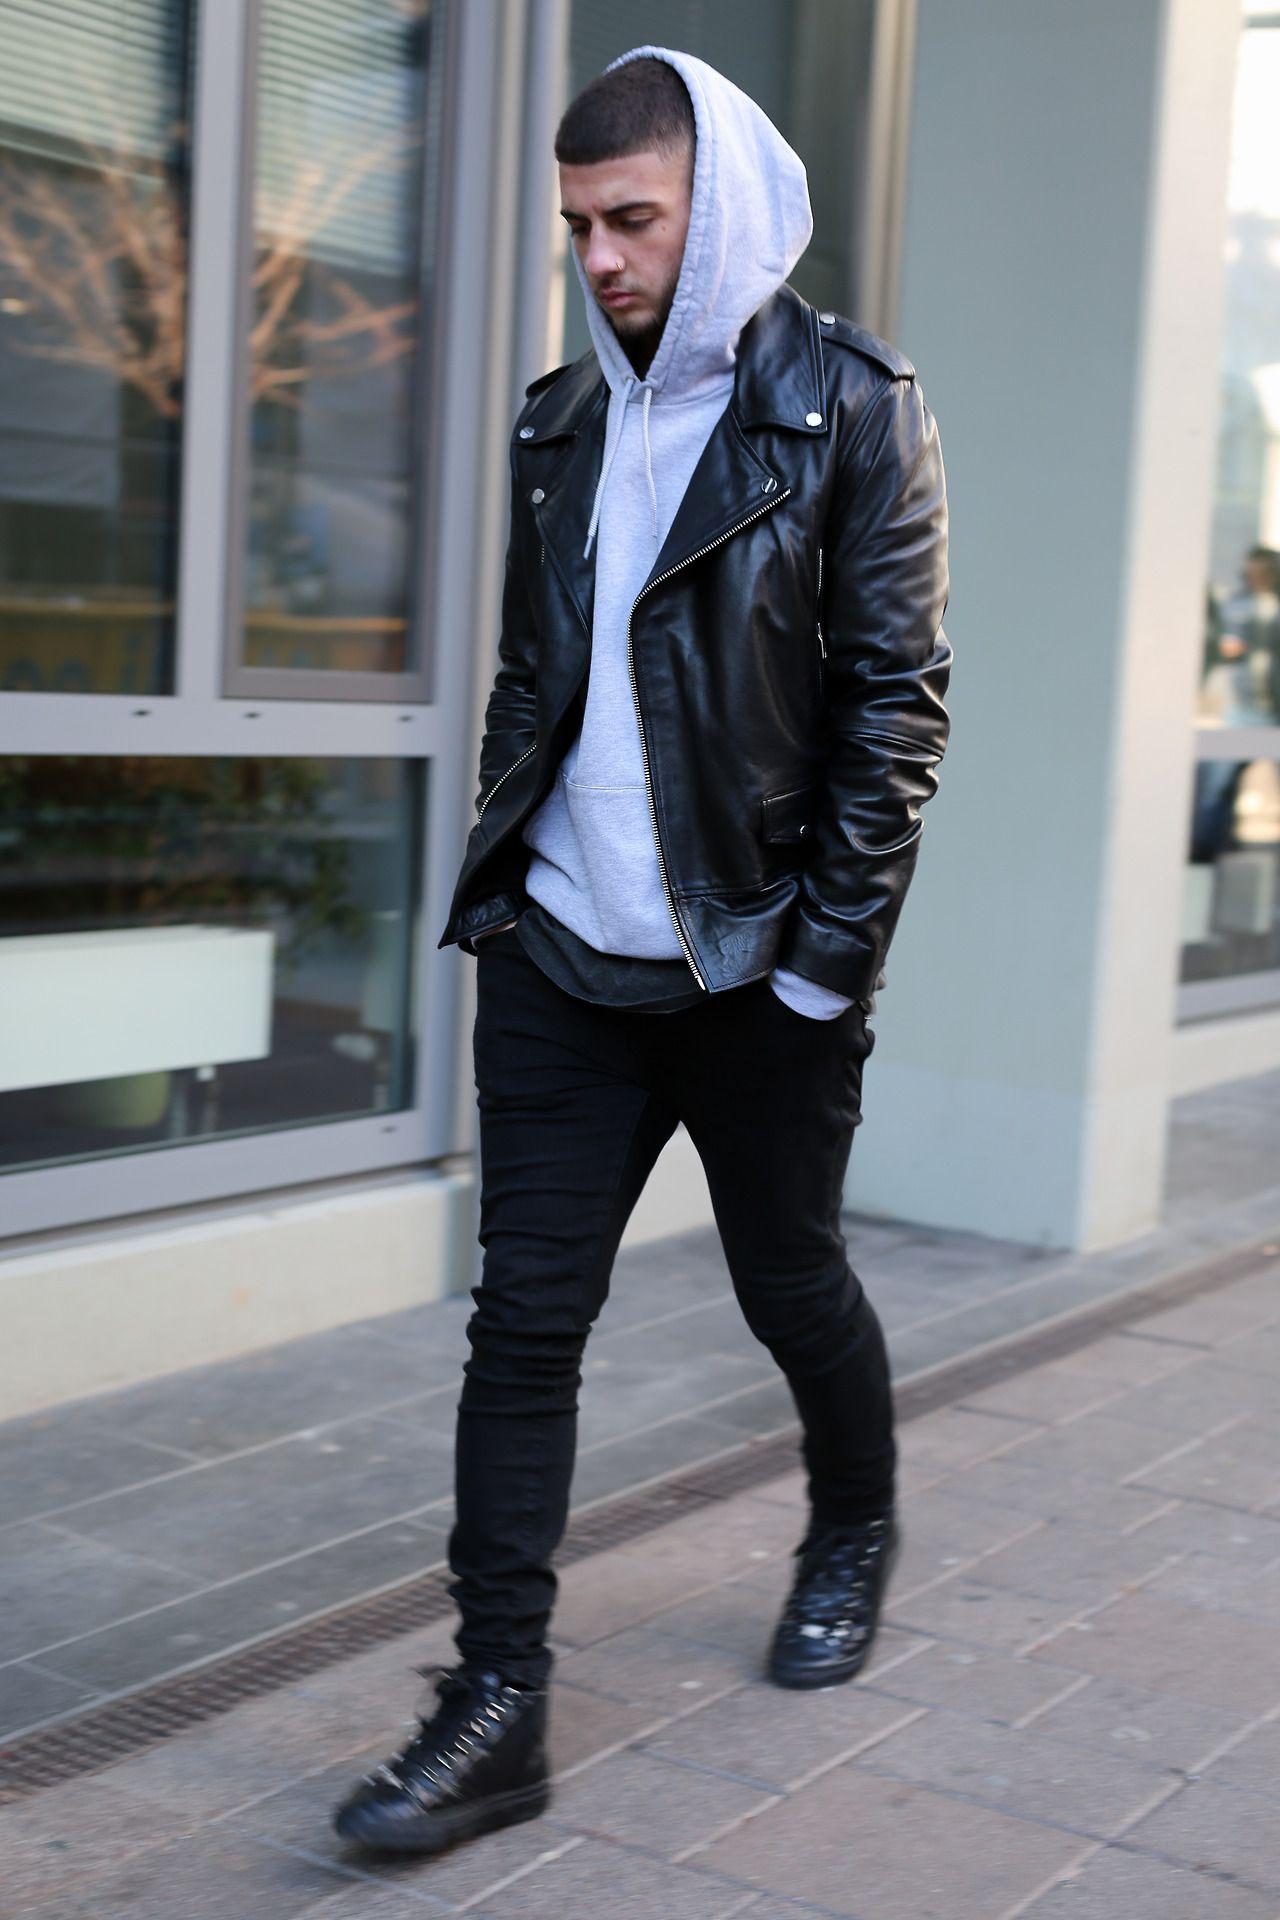 leauxnoir Hoodie outfit men, Leather jacket men, Mens